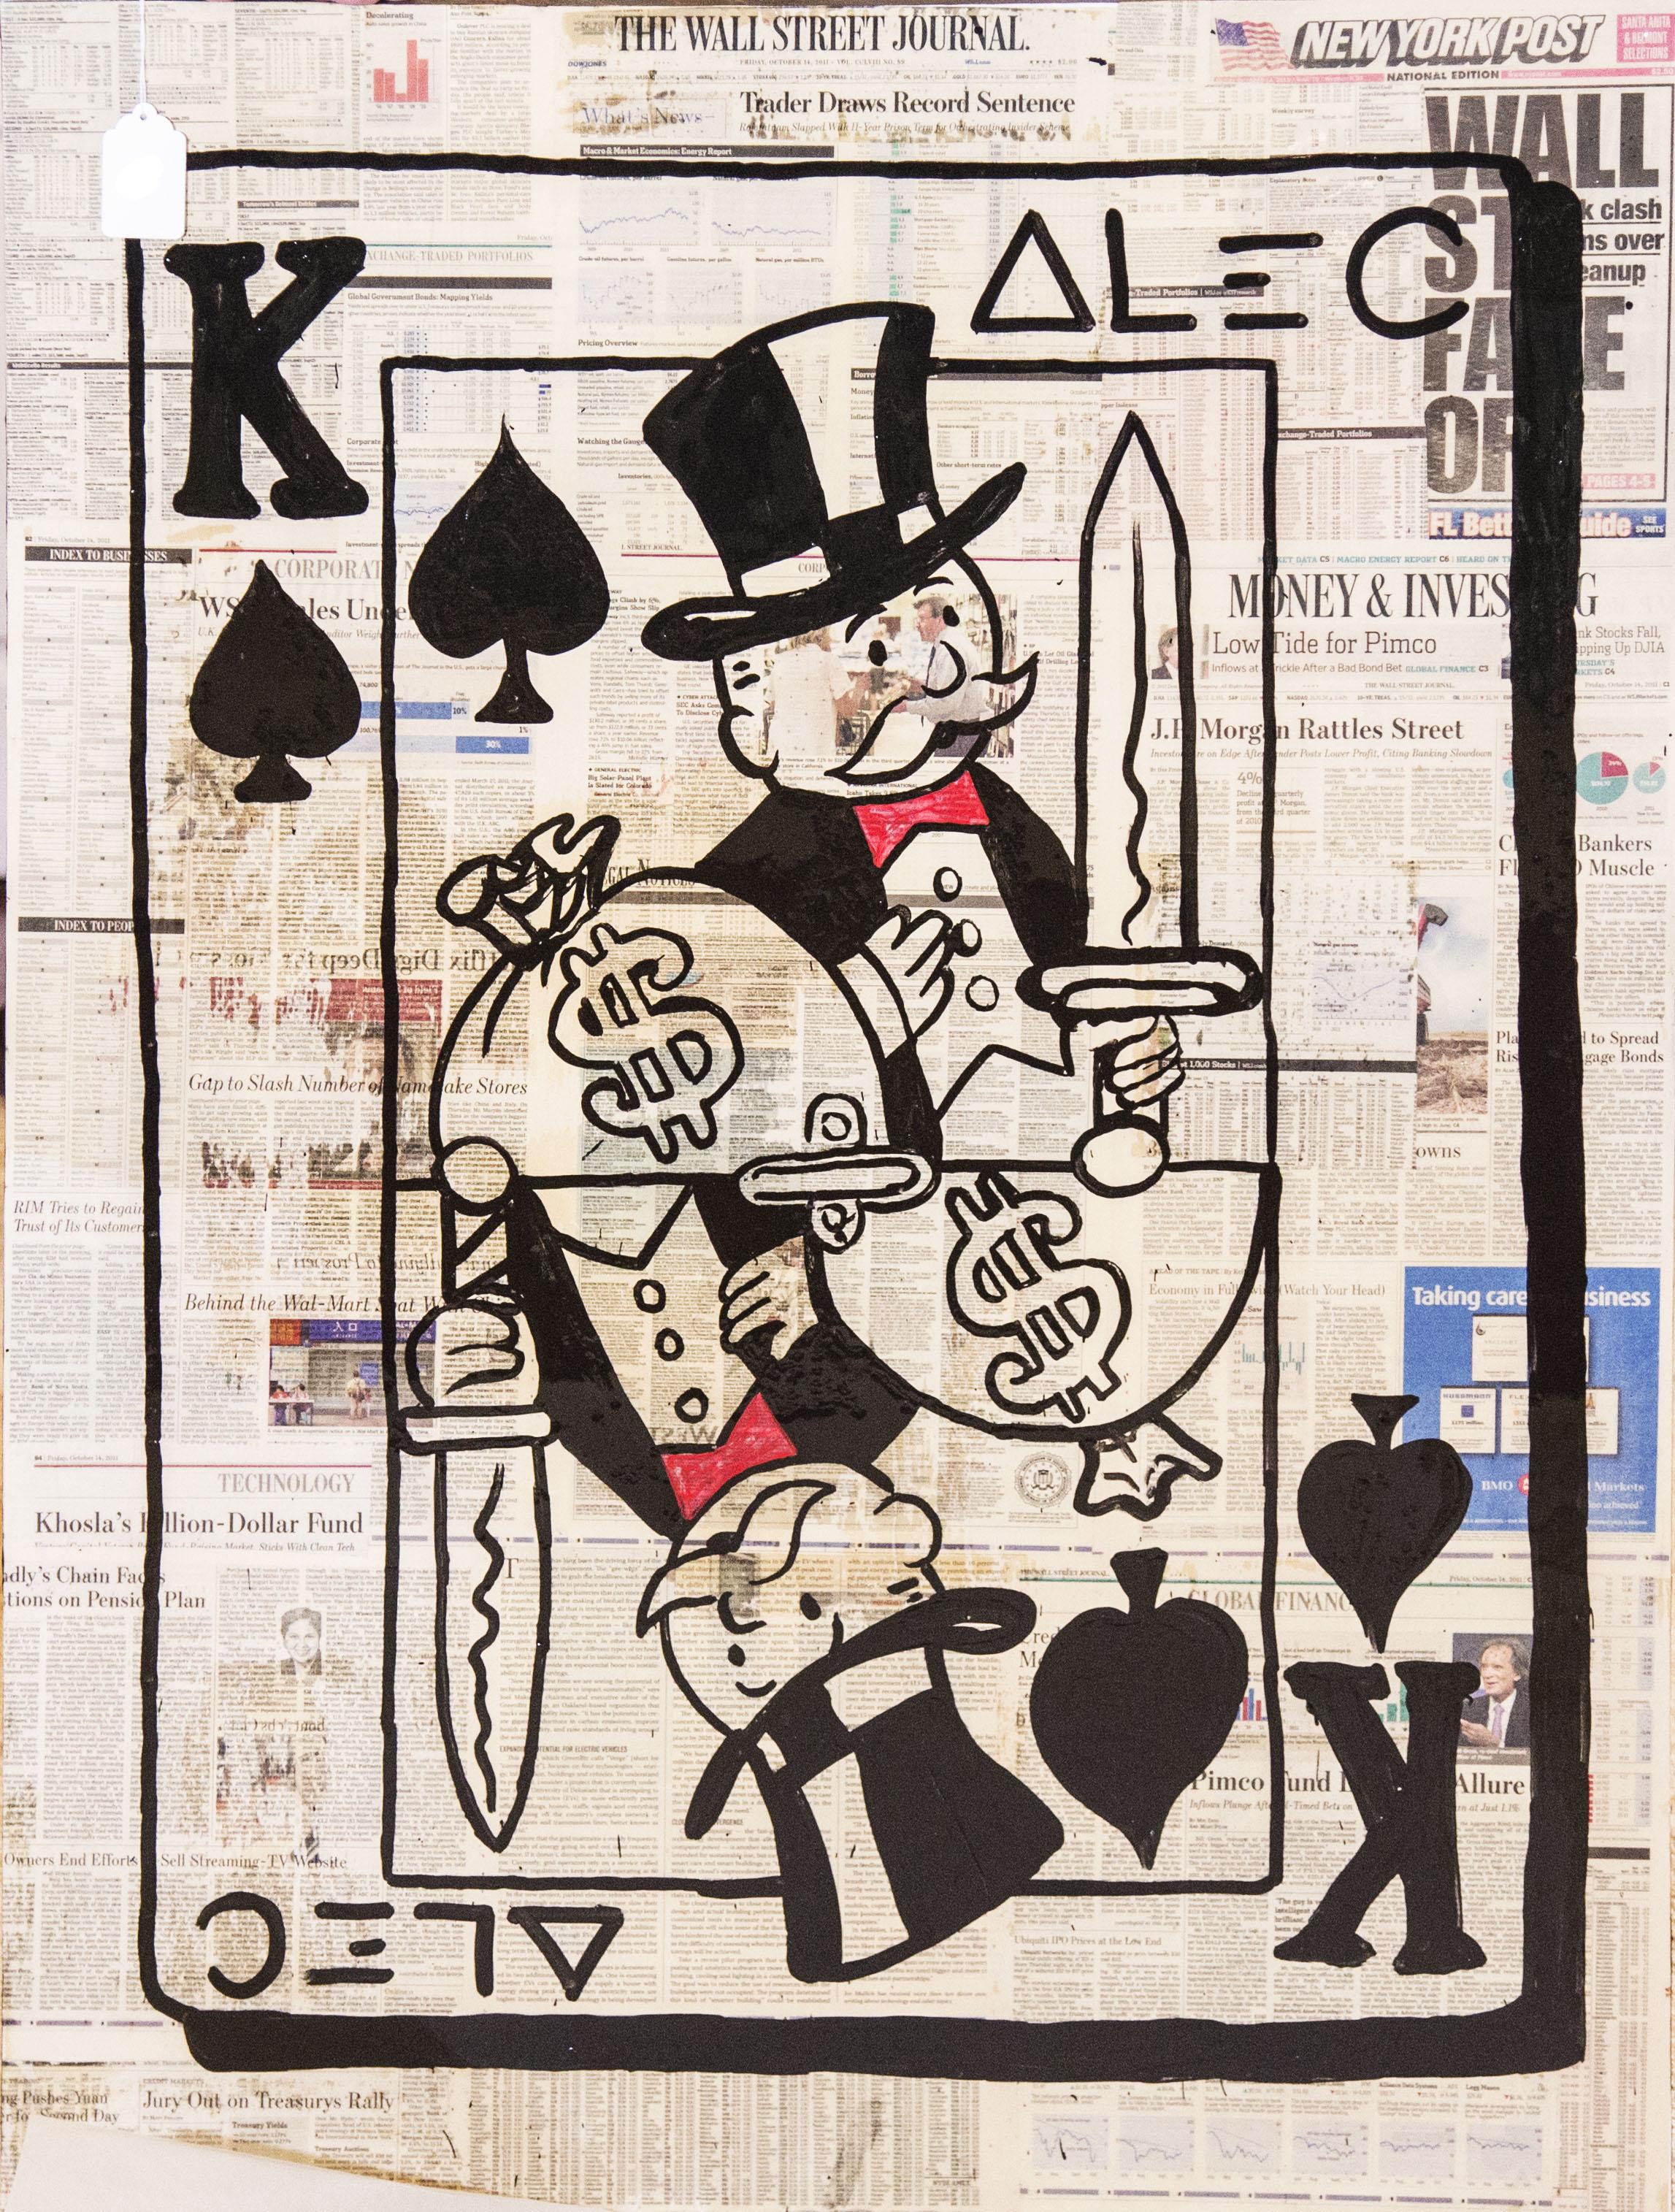 King Spade by Alec Monopoly